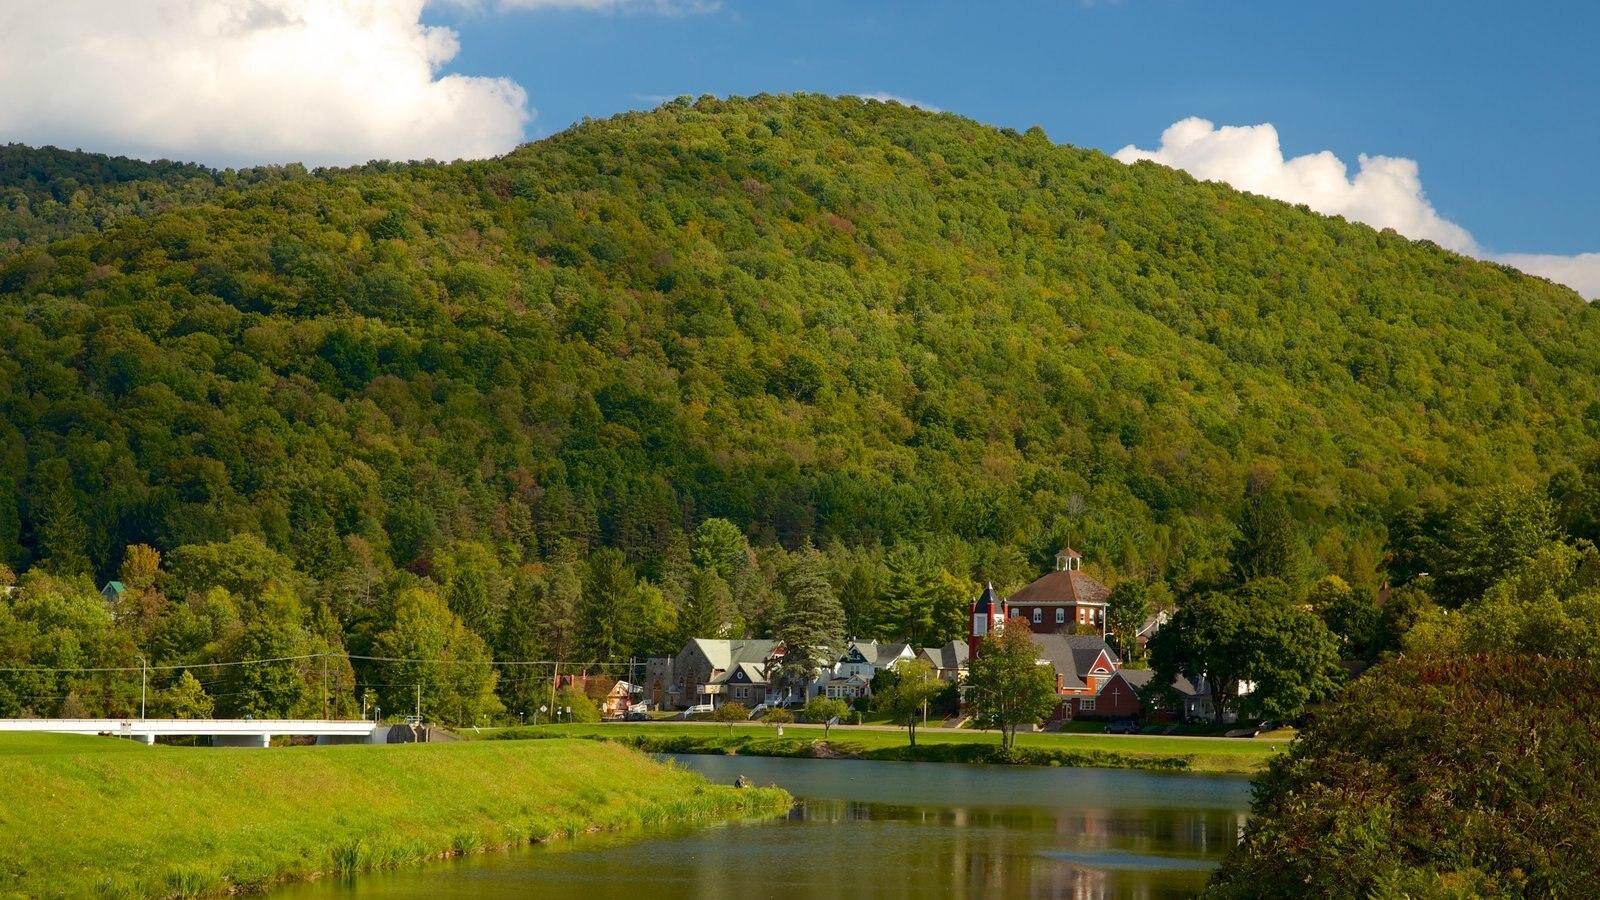 Galeton caracterizando paisagem, cenas tranquilas e um lago ou charco